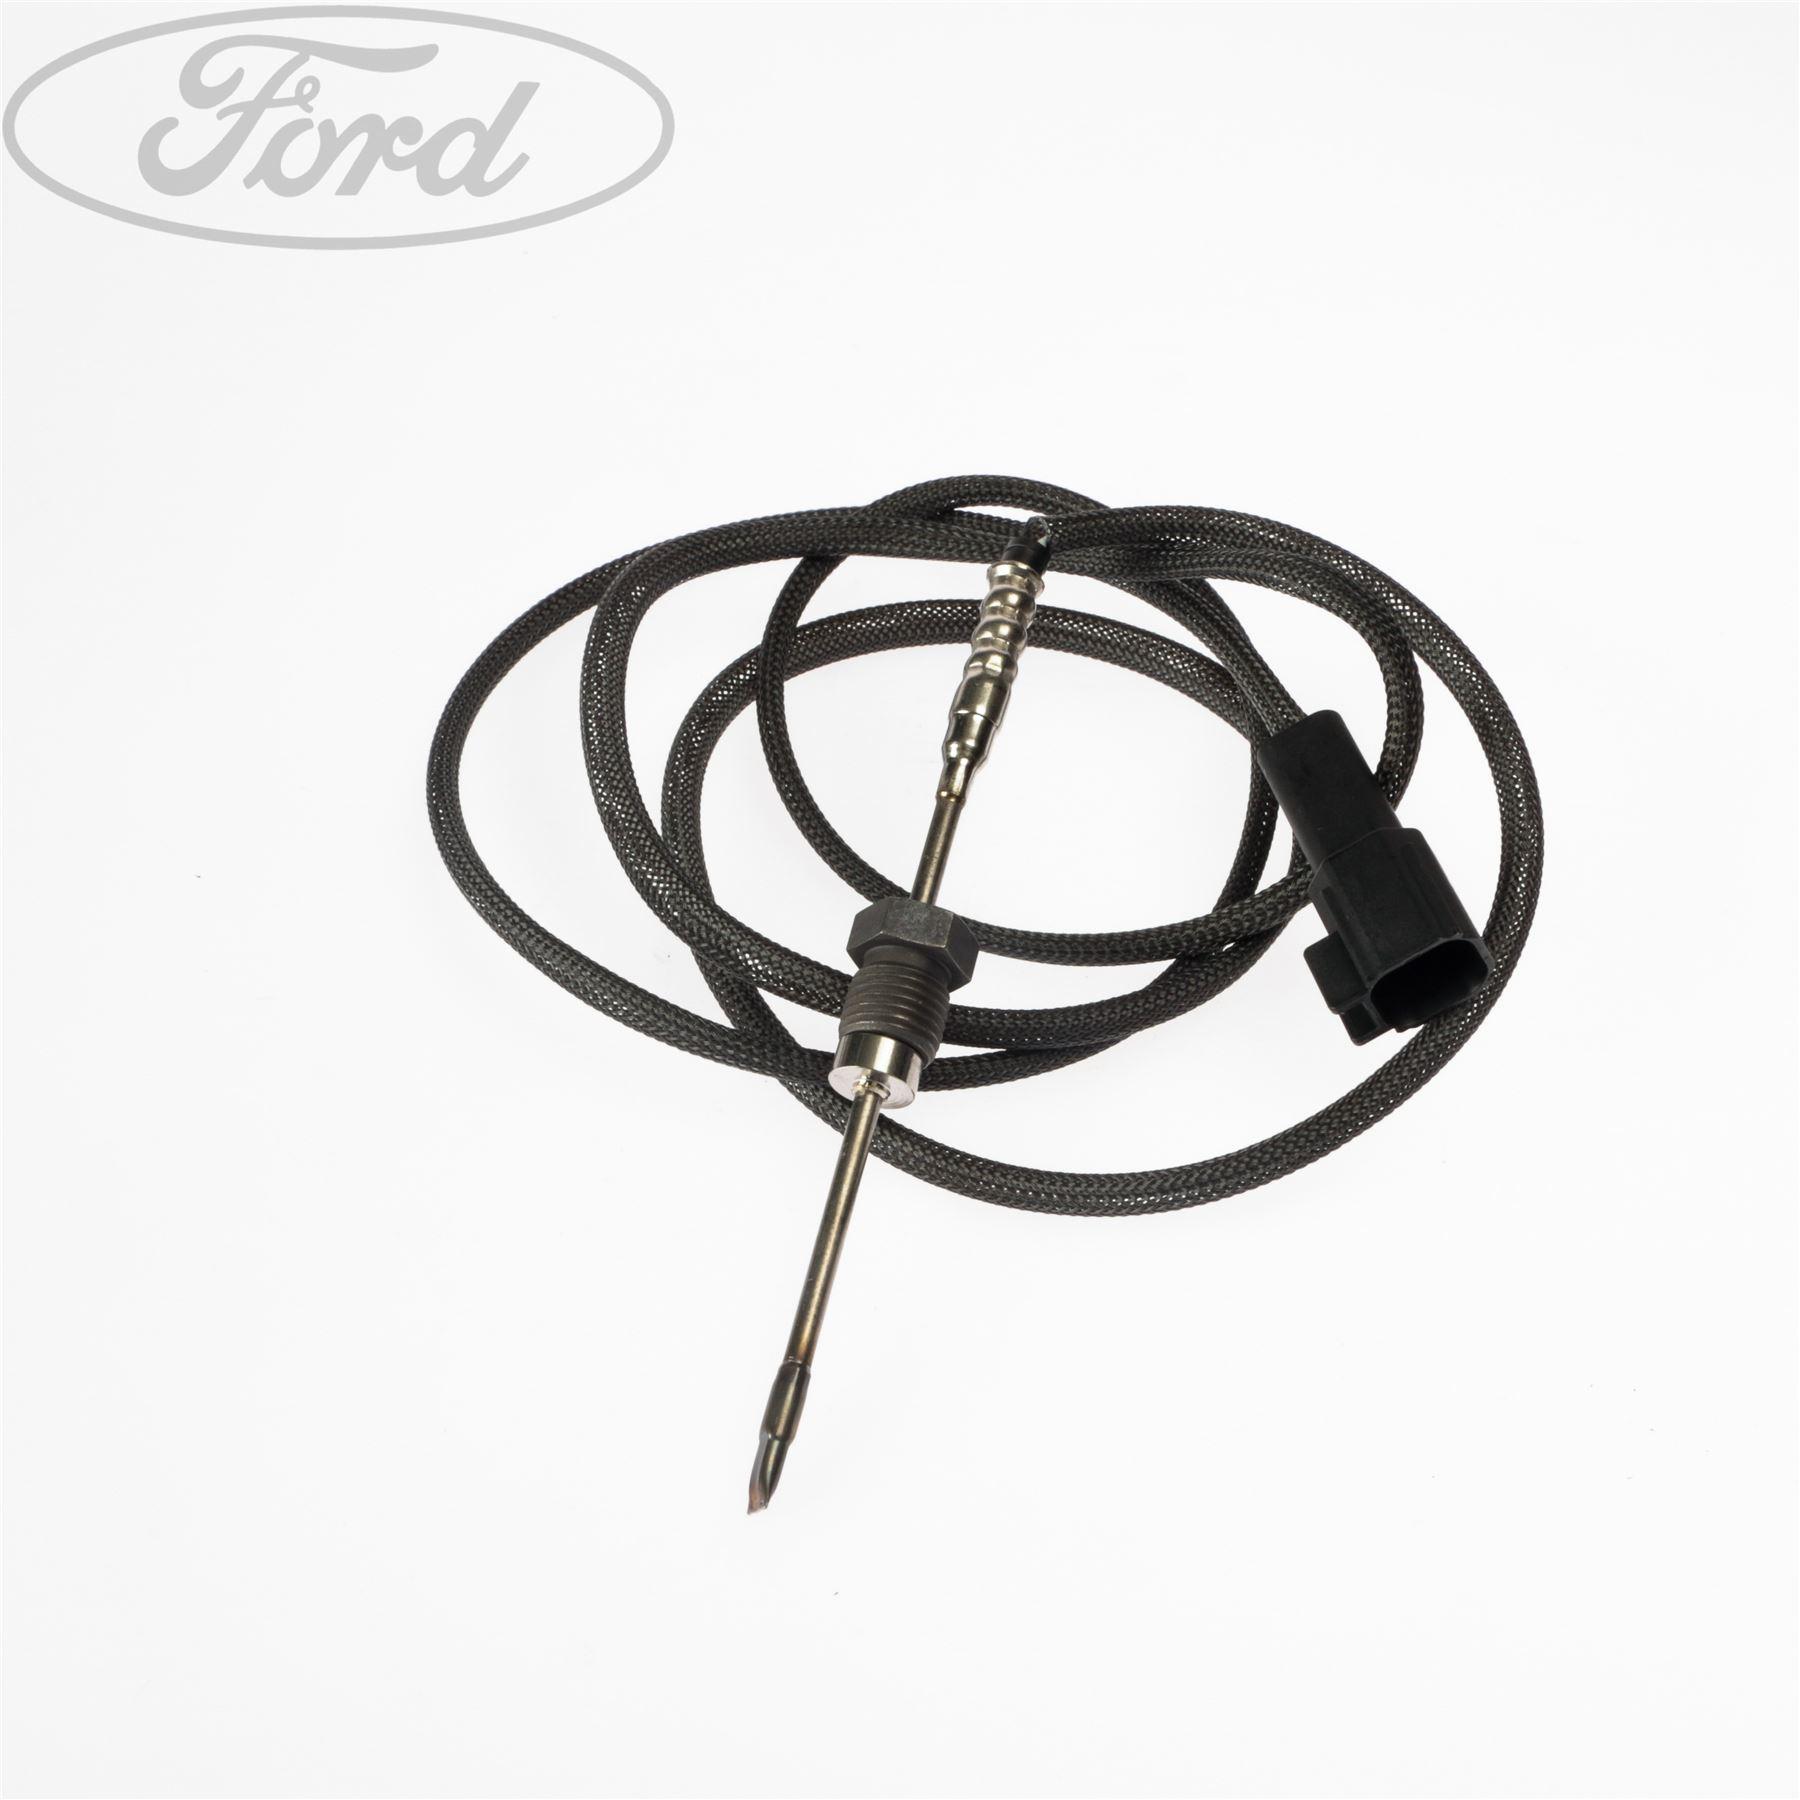 Genuine Ford C-Max Focus MK3 Exhaust Gas Temperature Sensor 1867706